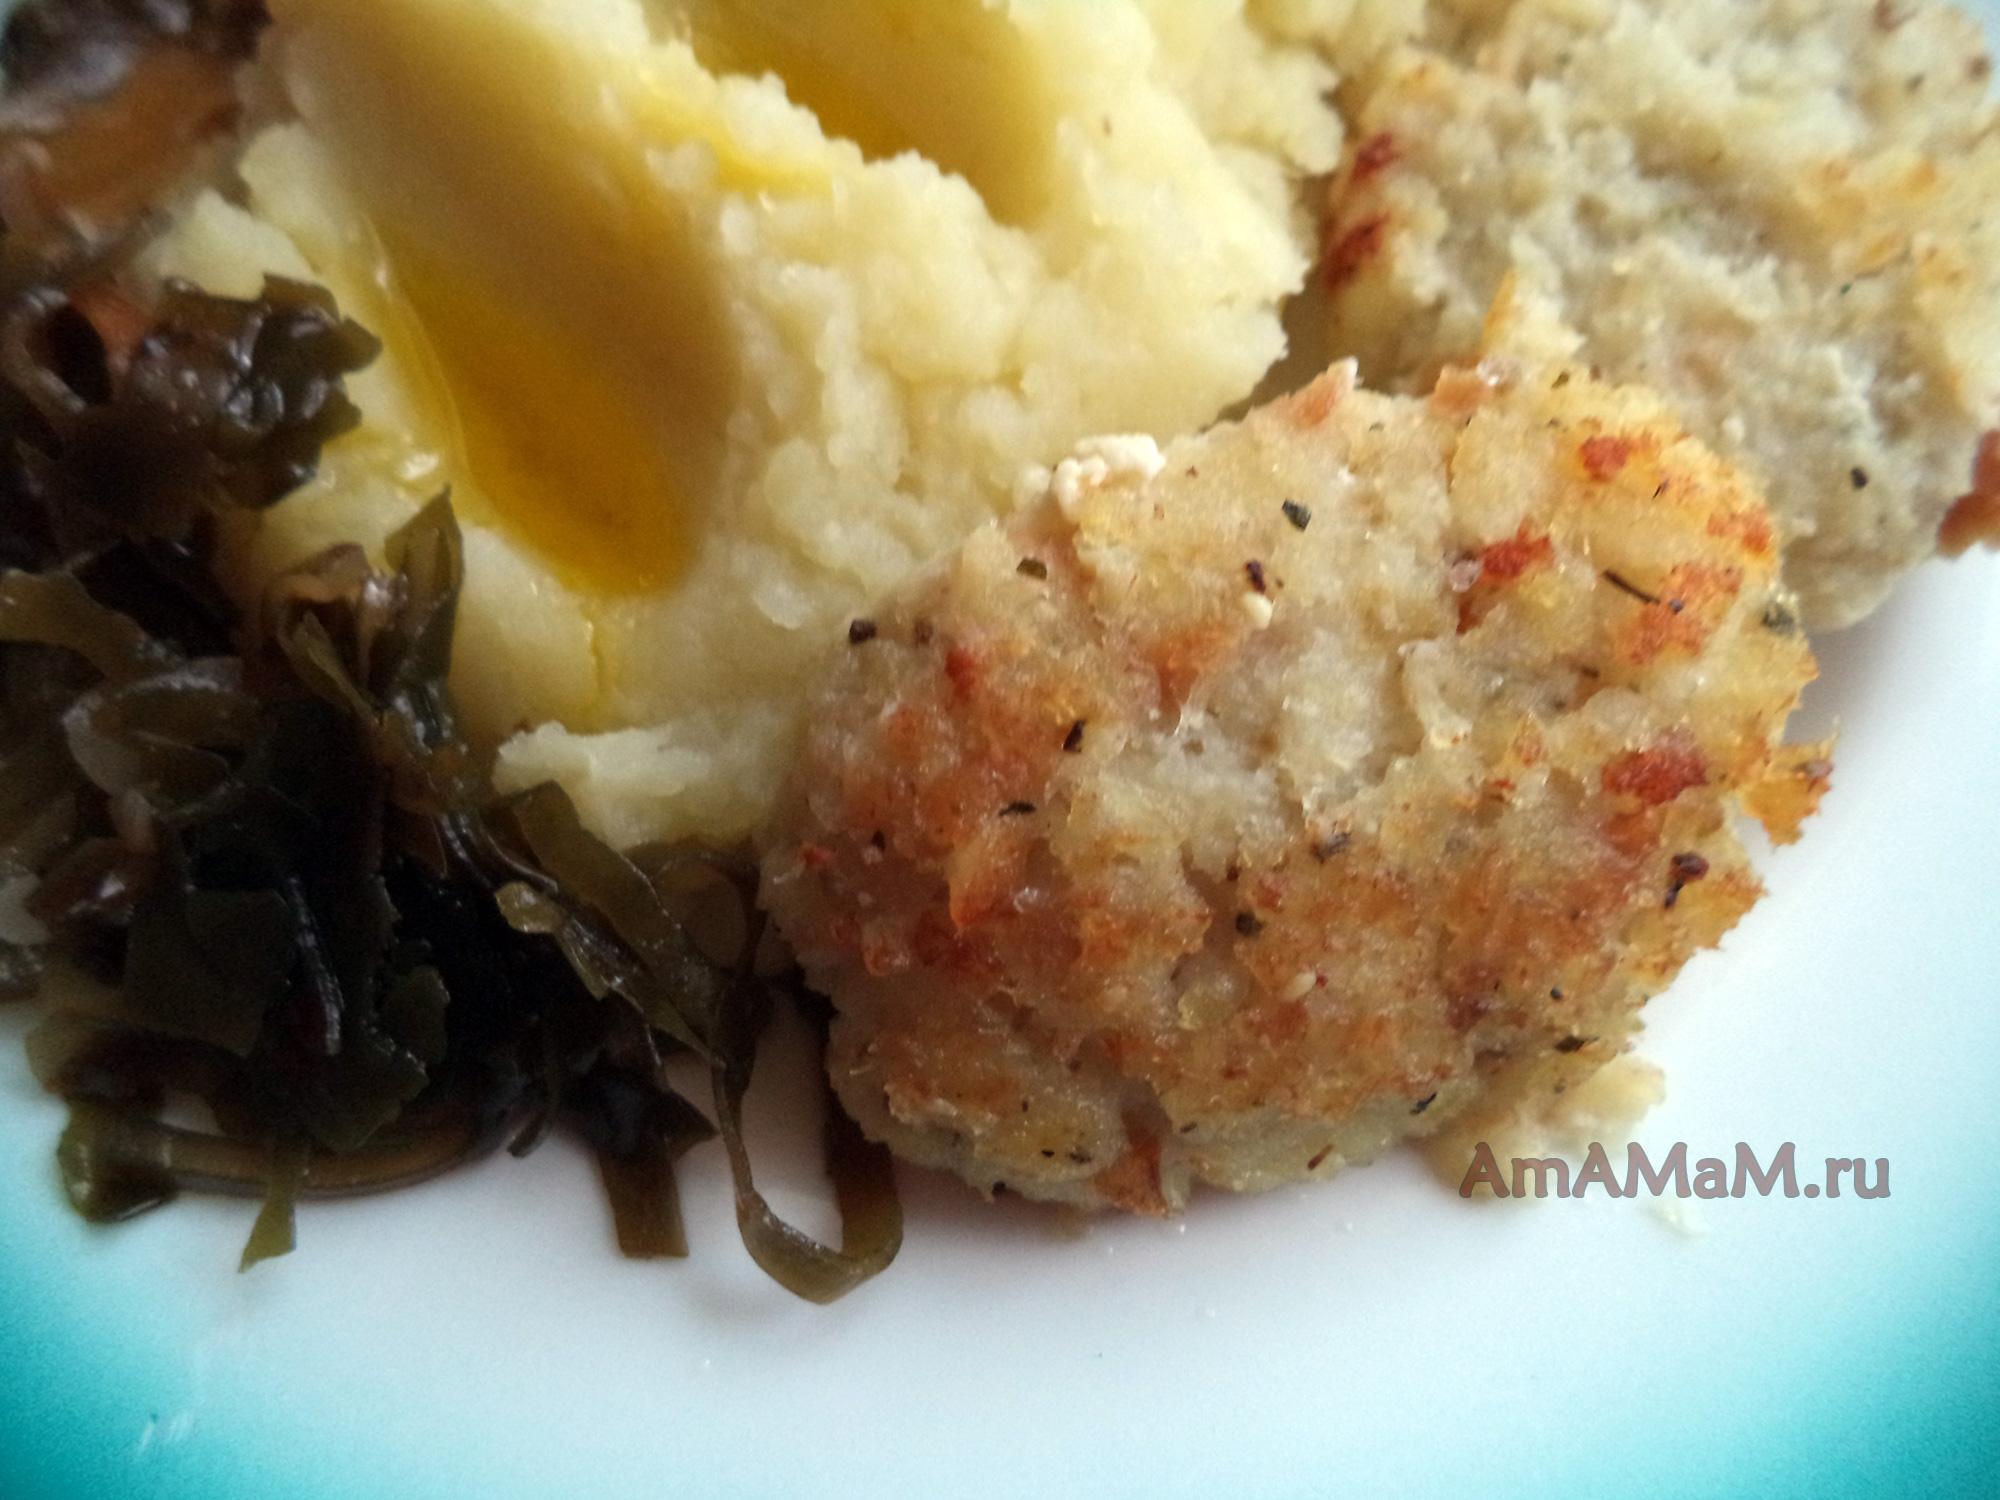 рыбные котлеты рецепт с фото с капустой